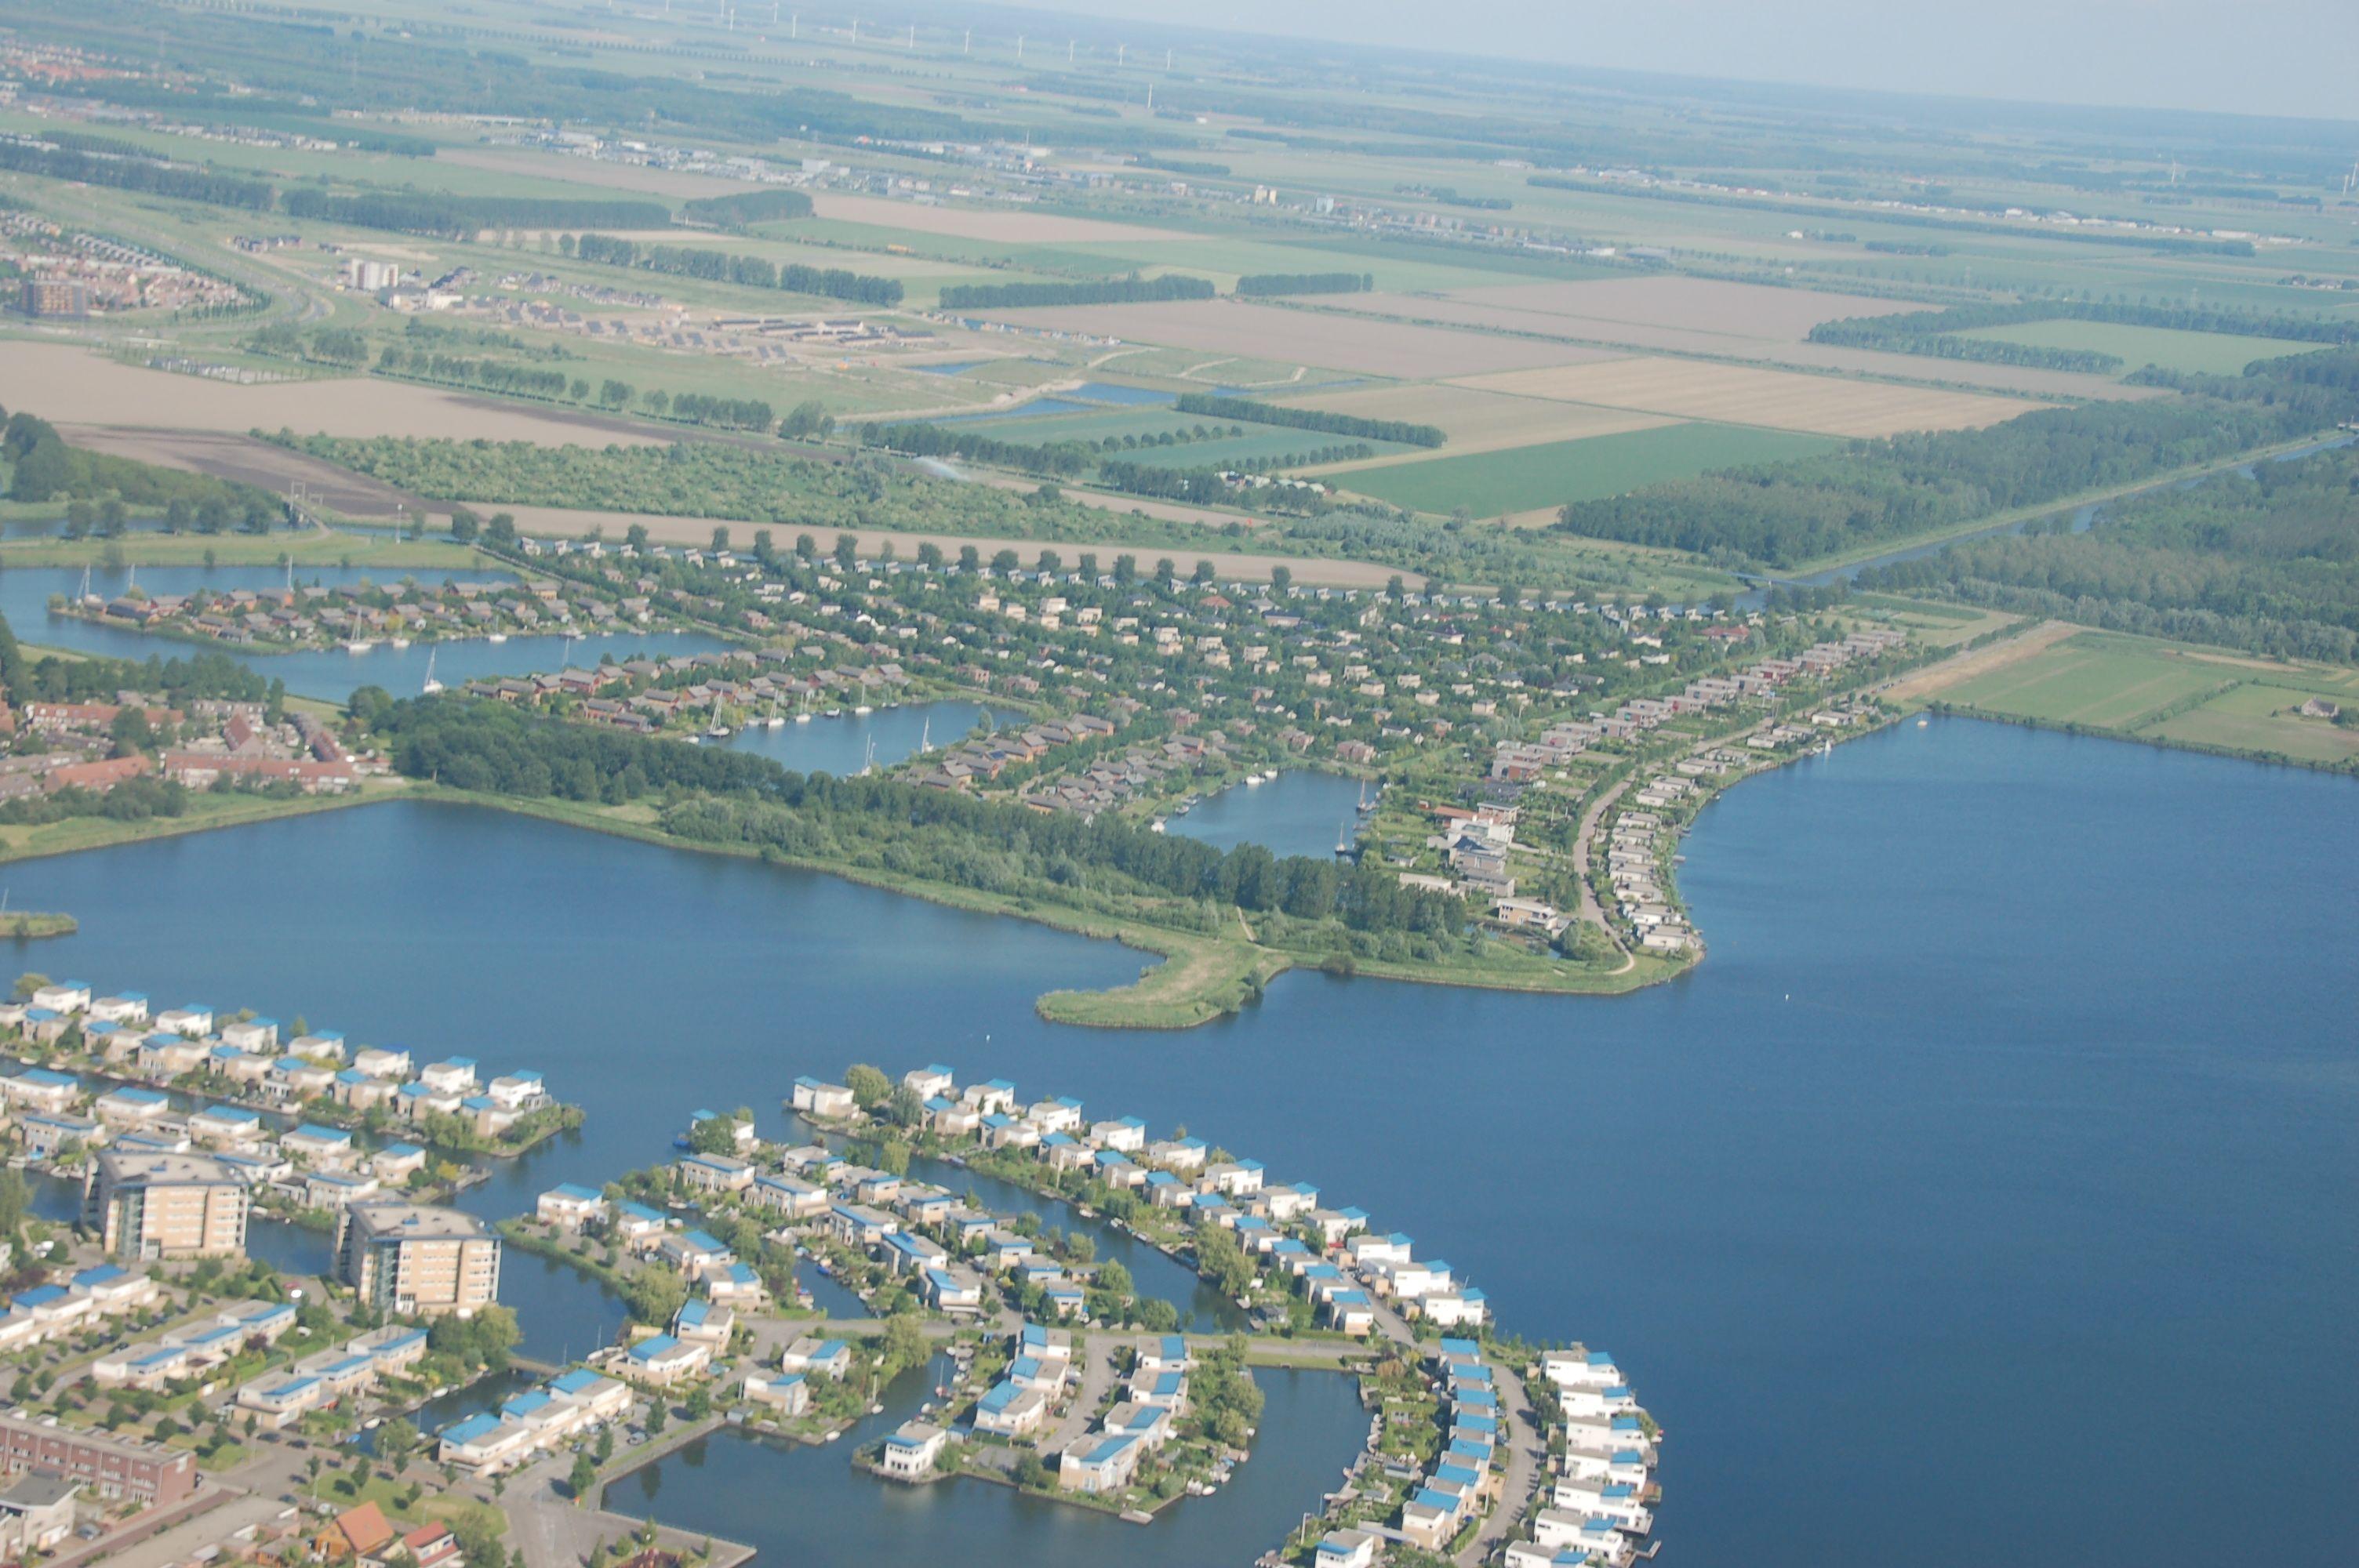 Wie in Dubai: Auf künstlichen Inseln erfüllen sich die Bewohner der Almere den Traum vom individuellen Leben am Wasser. Die Luftaufnahme entlarvt, wie das Raumkonzept dazu beiträgt.